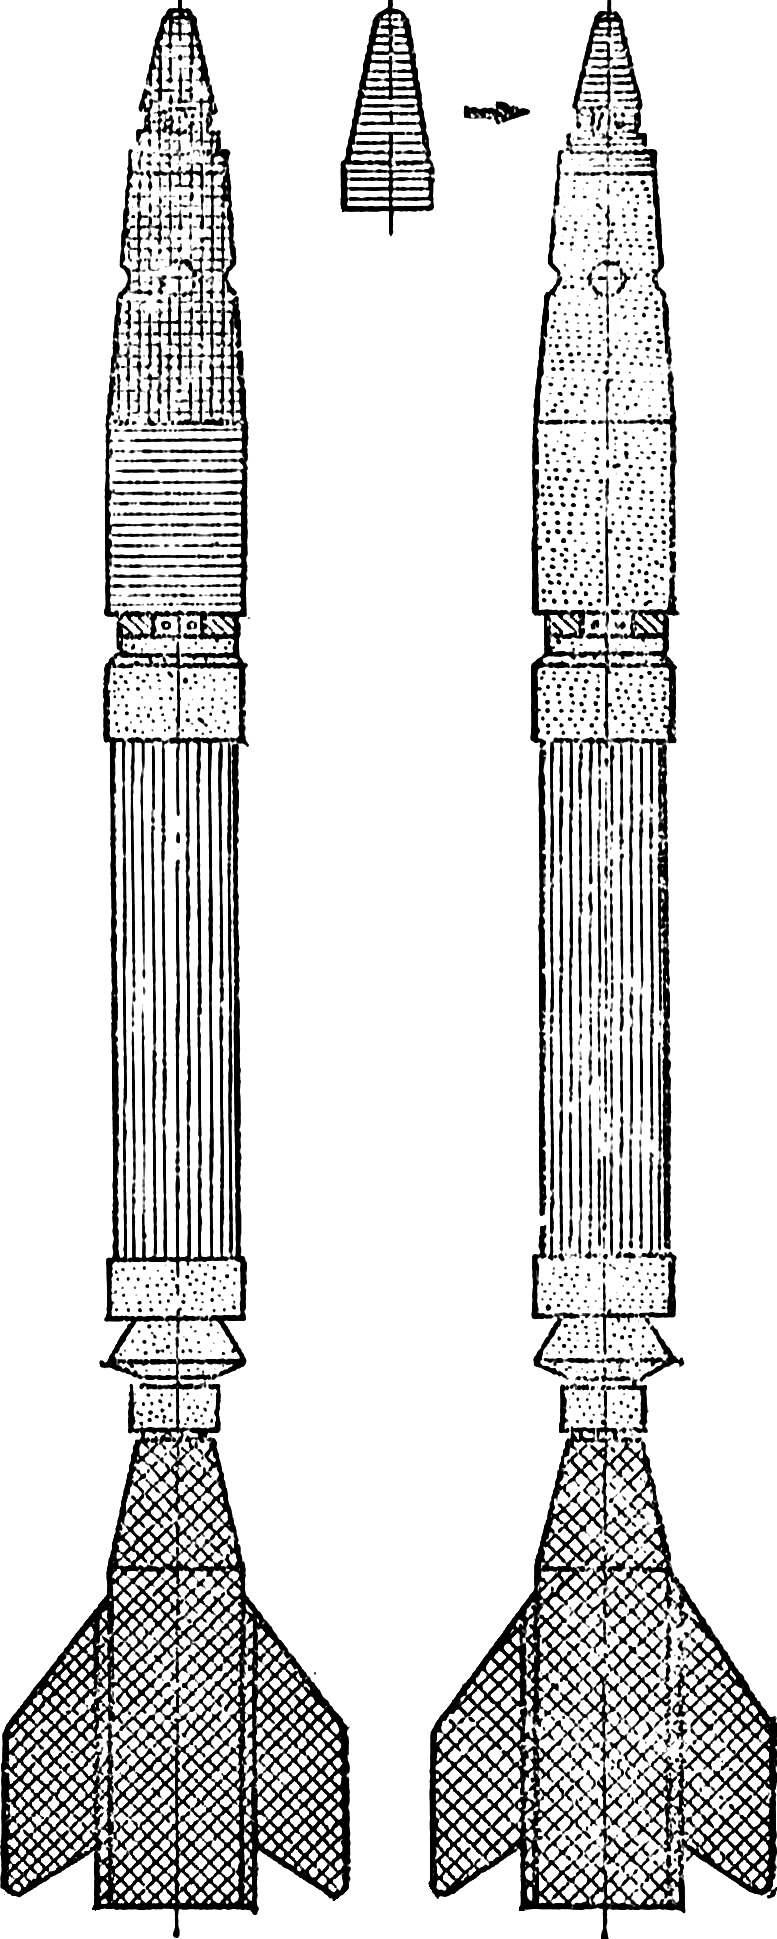 Рис. 2. Схема окраски ракеты (два варианта).